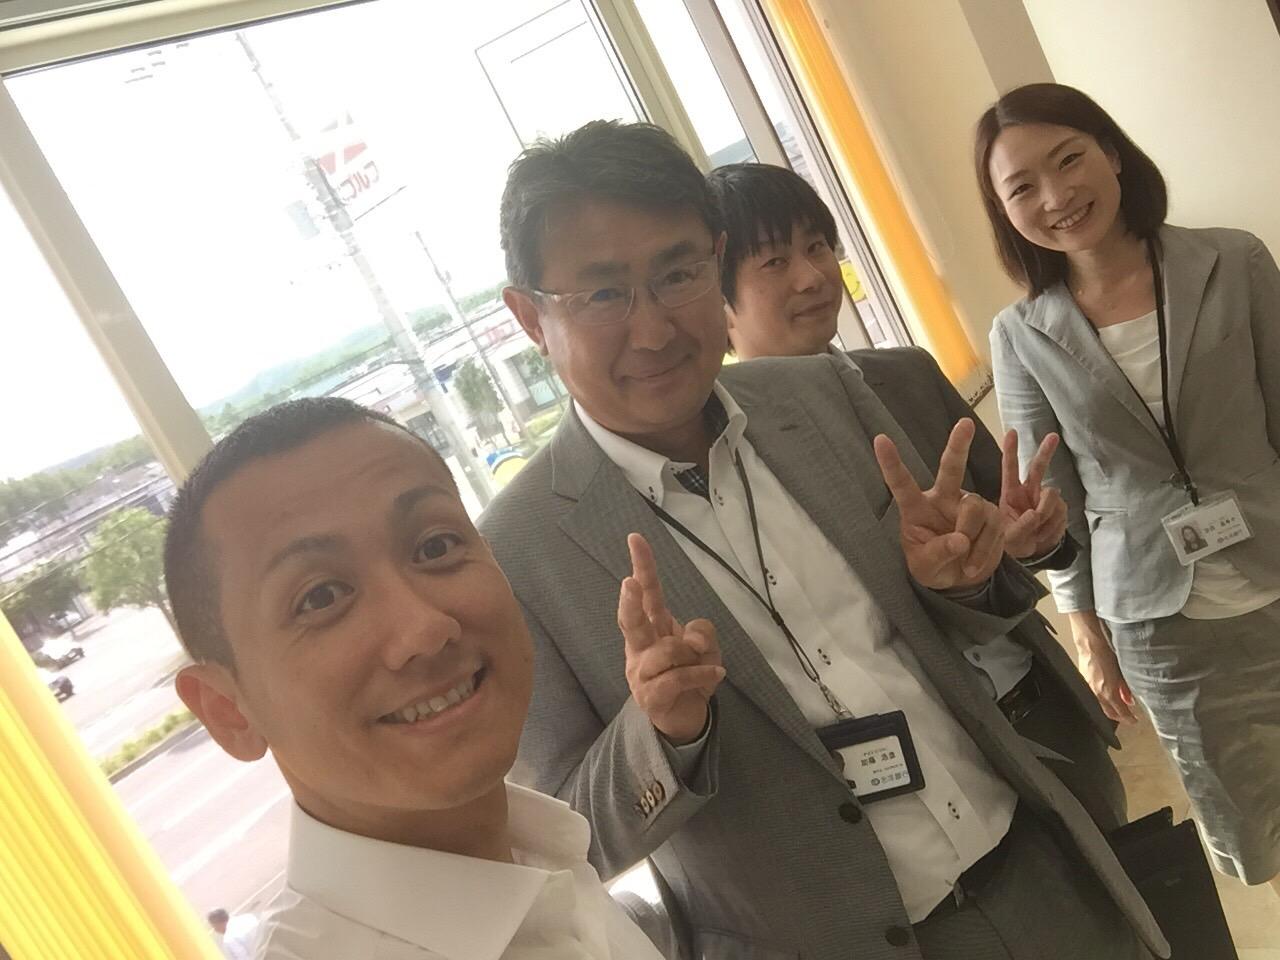 7月 7日 (木) ken ブログ ランクル ハマー アルファード_b0127002_22412739.jpg